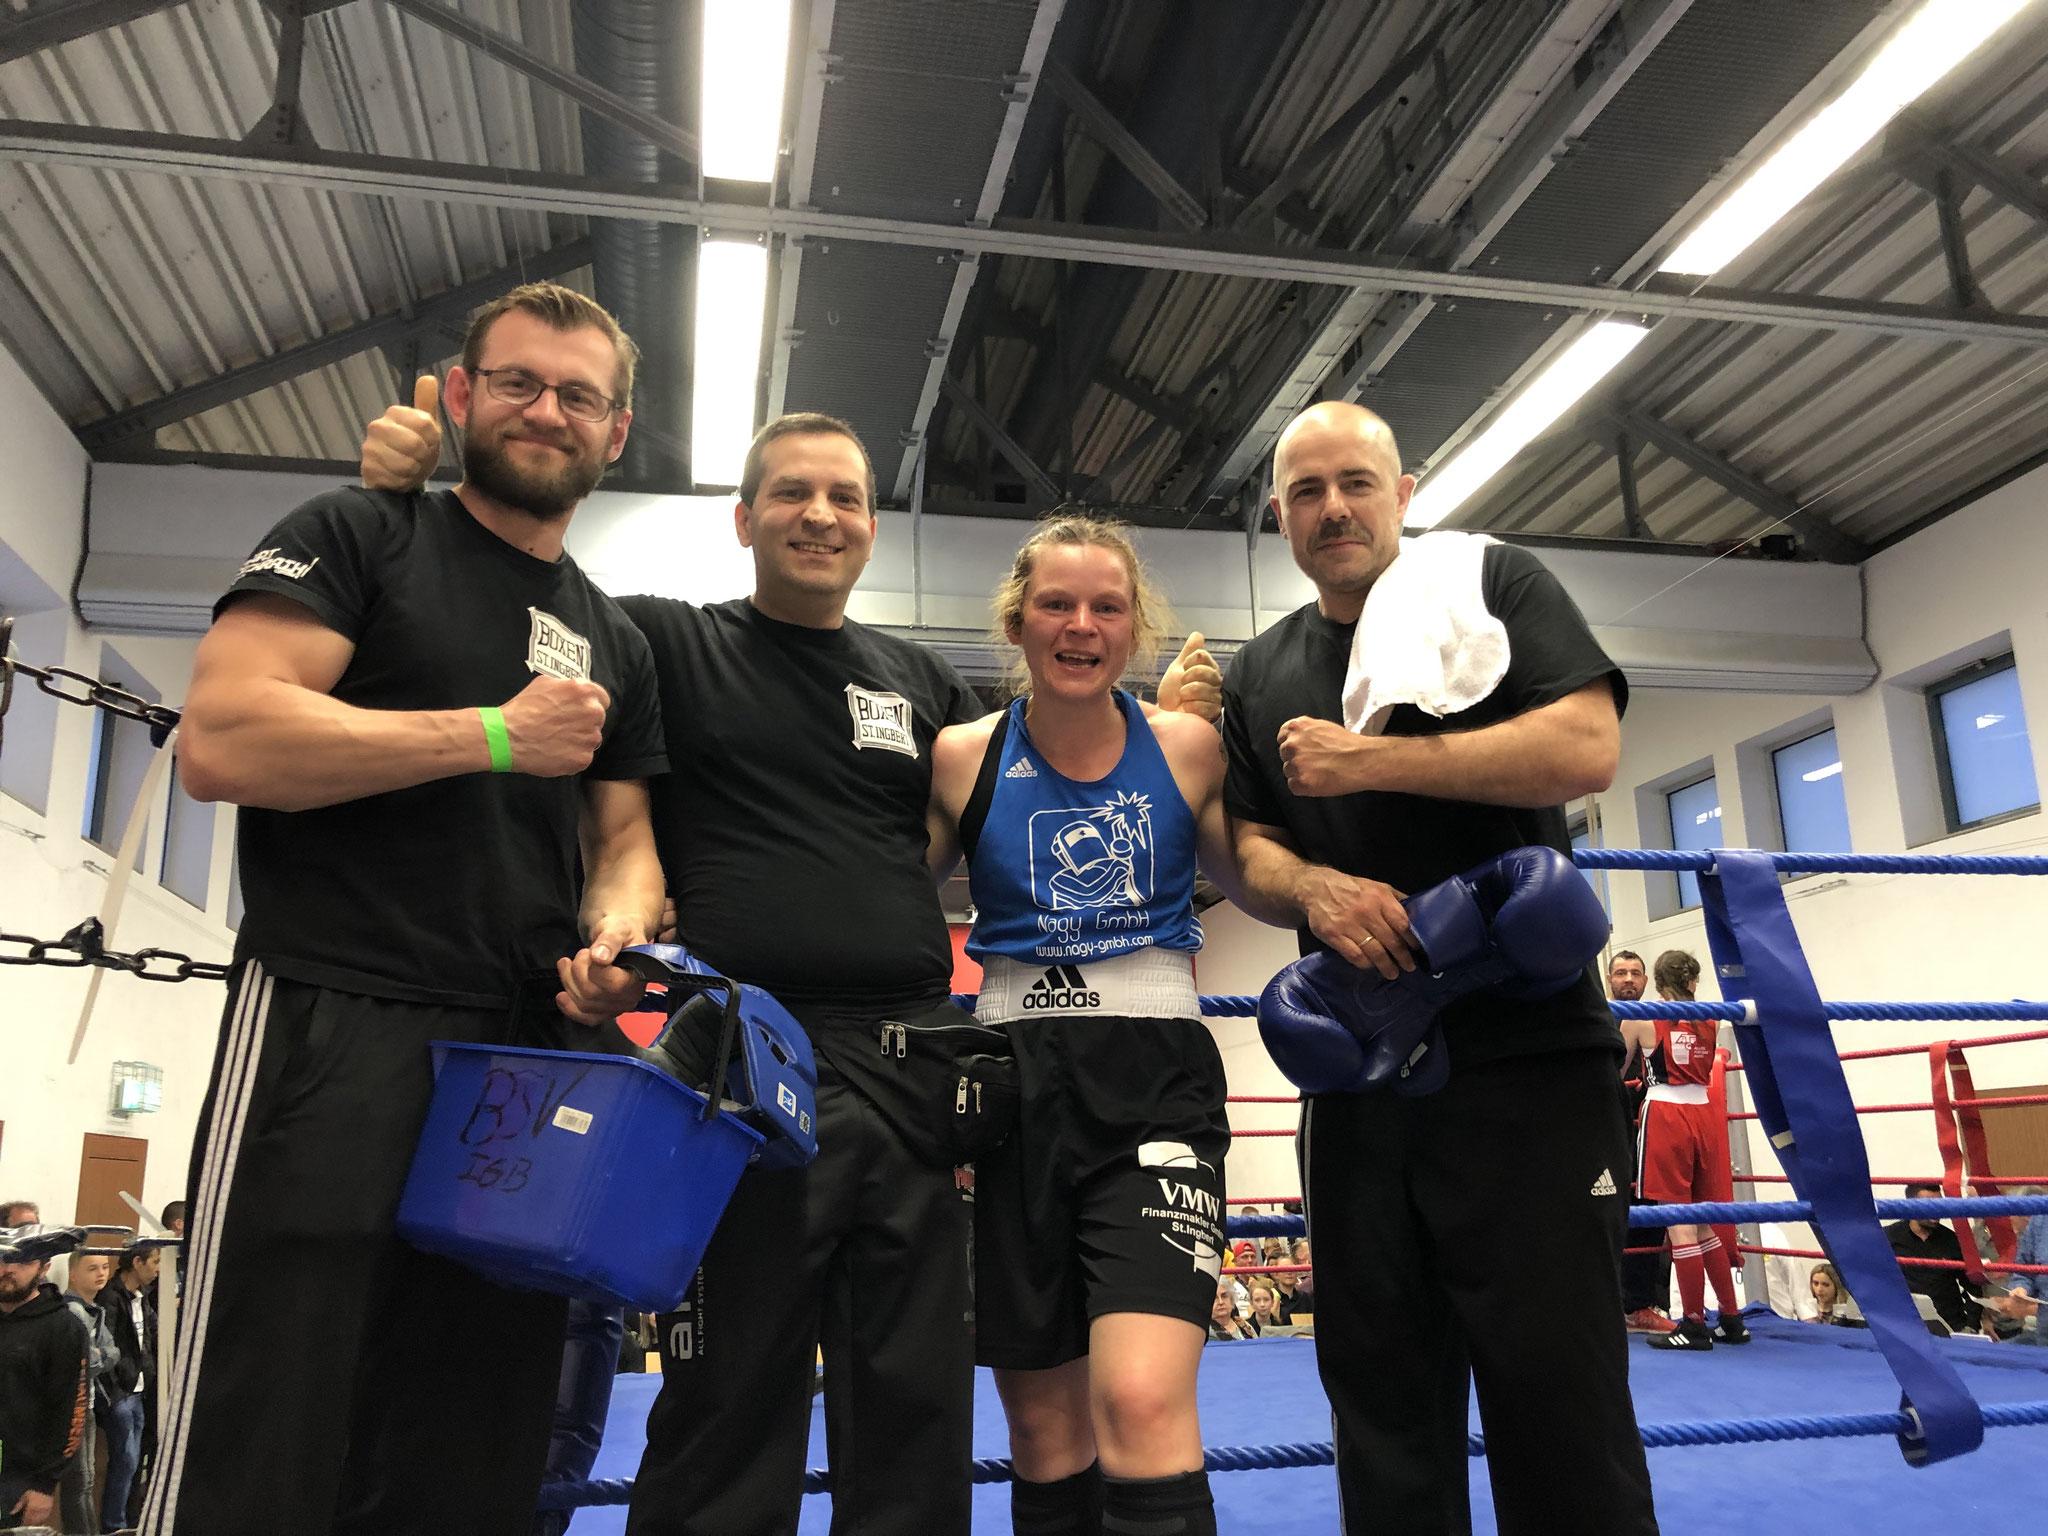 Monika Sorce, Saarlandmeister 2019, Klasse 60 kg Frauen